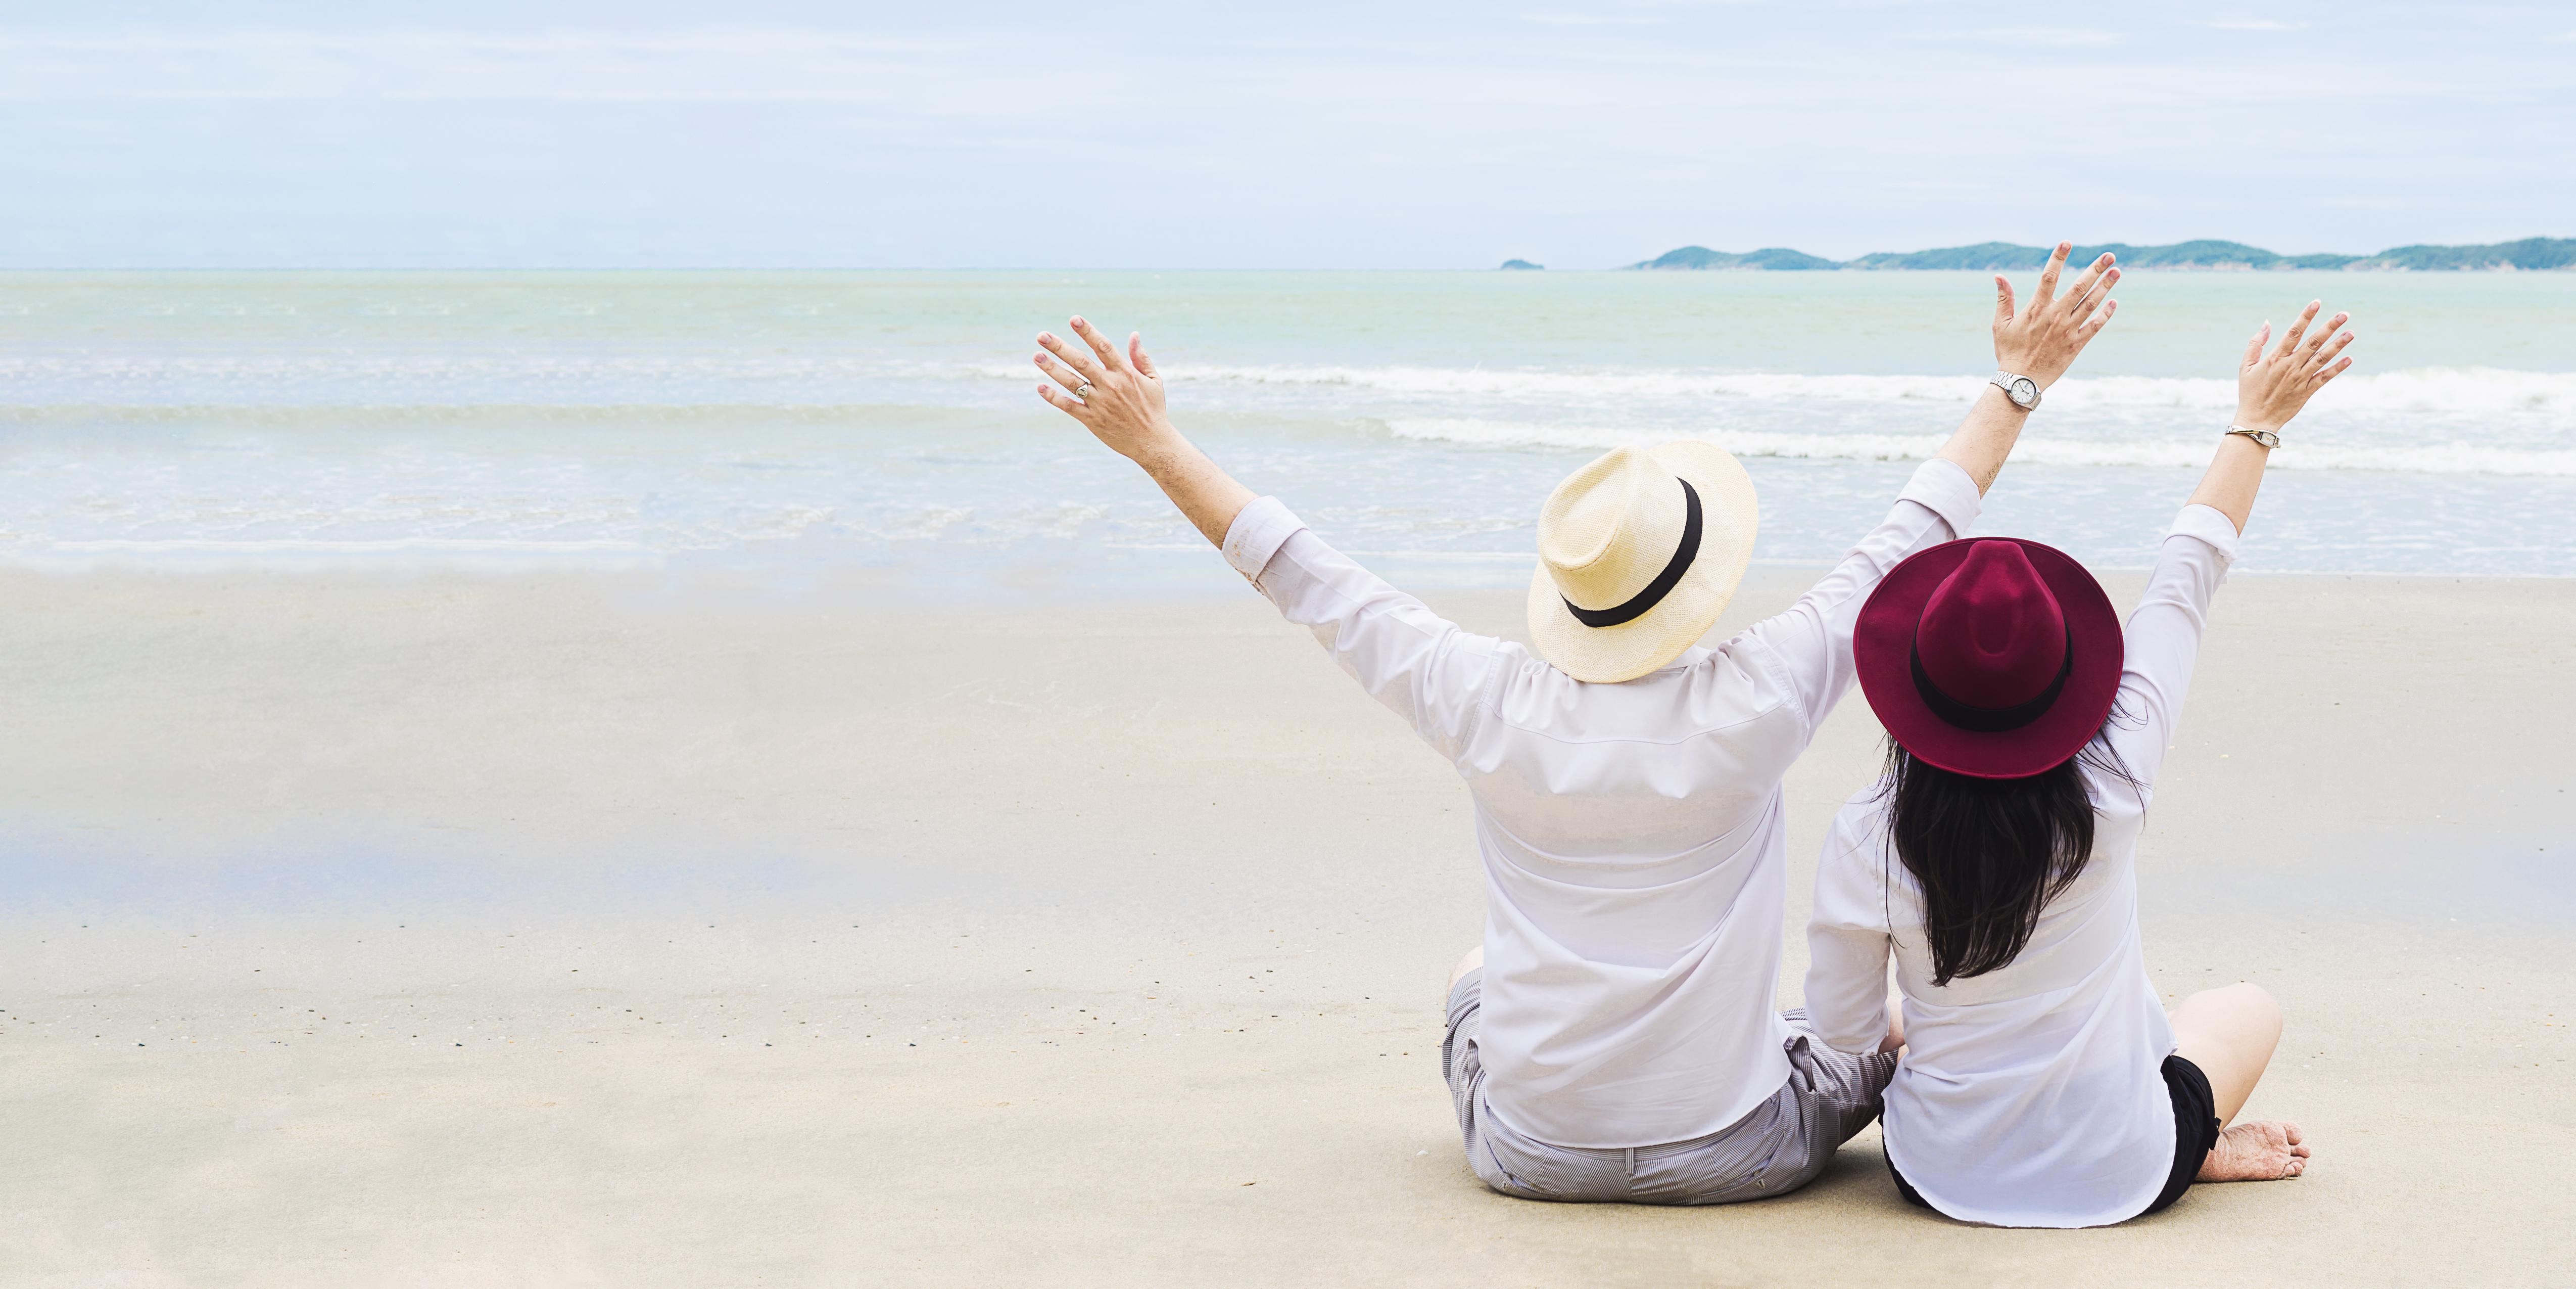 輔心師教你戀愛市場學步驟1 香港交友約會業總會 Hong Kong Speed Dating Federation - Speed Dating , 一對一約會, 單對單約會, 約會行業, 約會配對